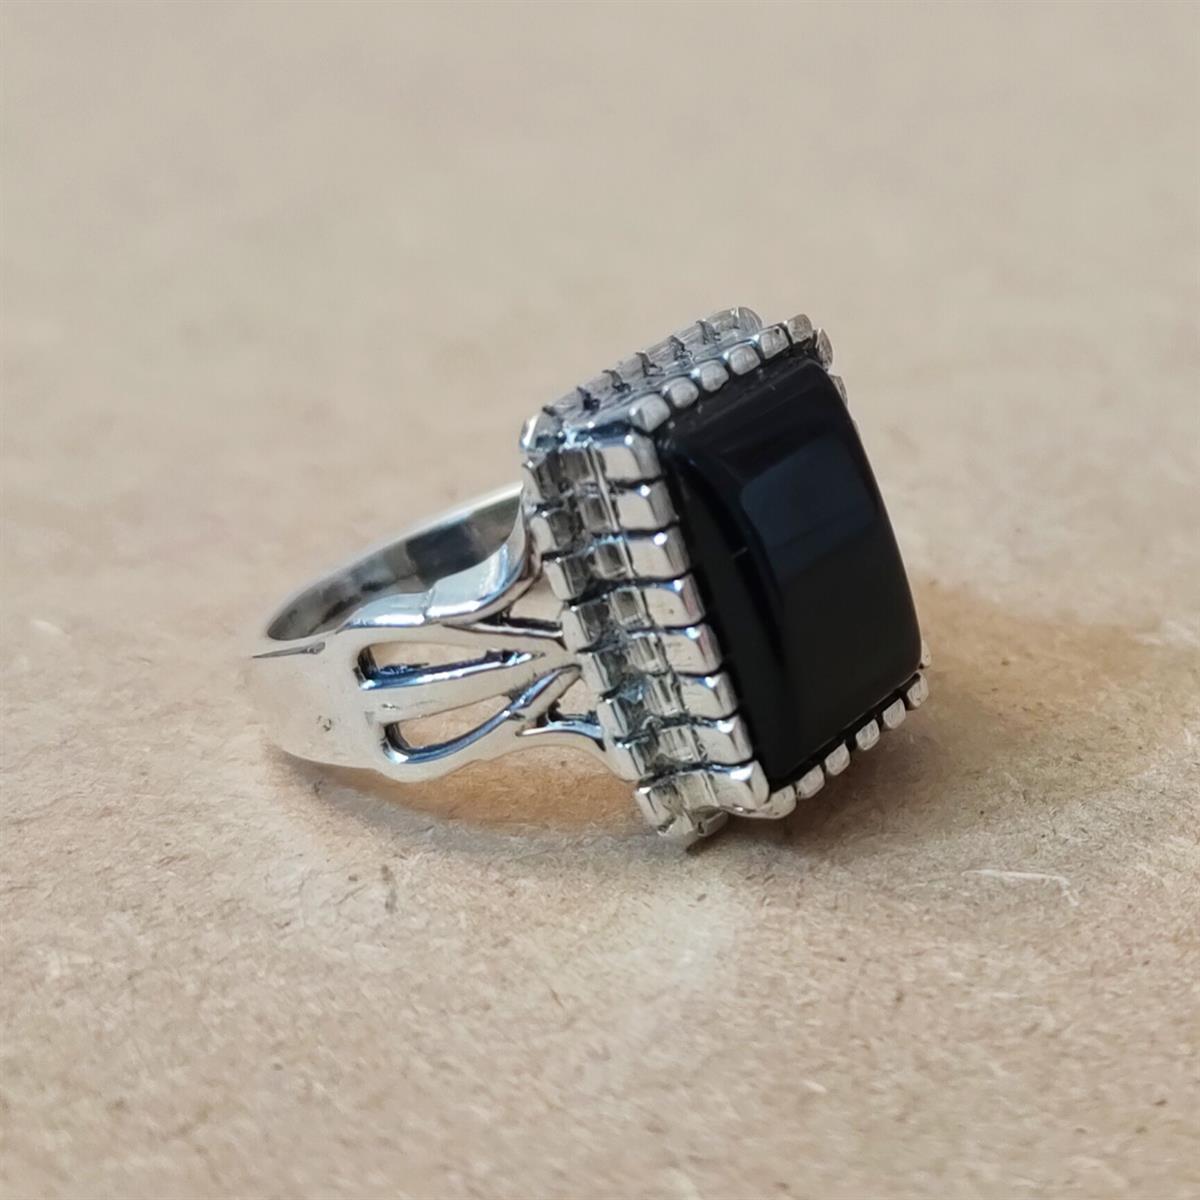 Black Aqeeq Beautiful Ring 3 natural gemstones pakistan + 925 silver jewelry online